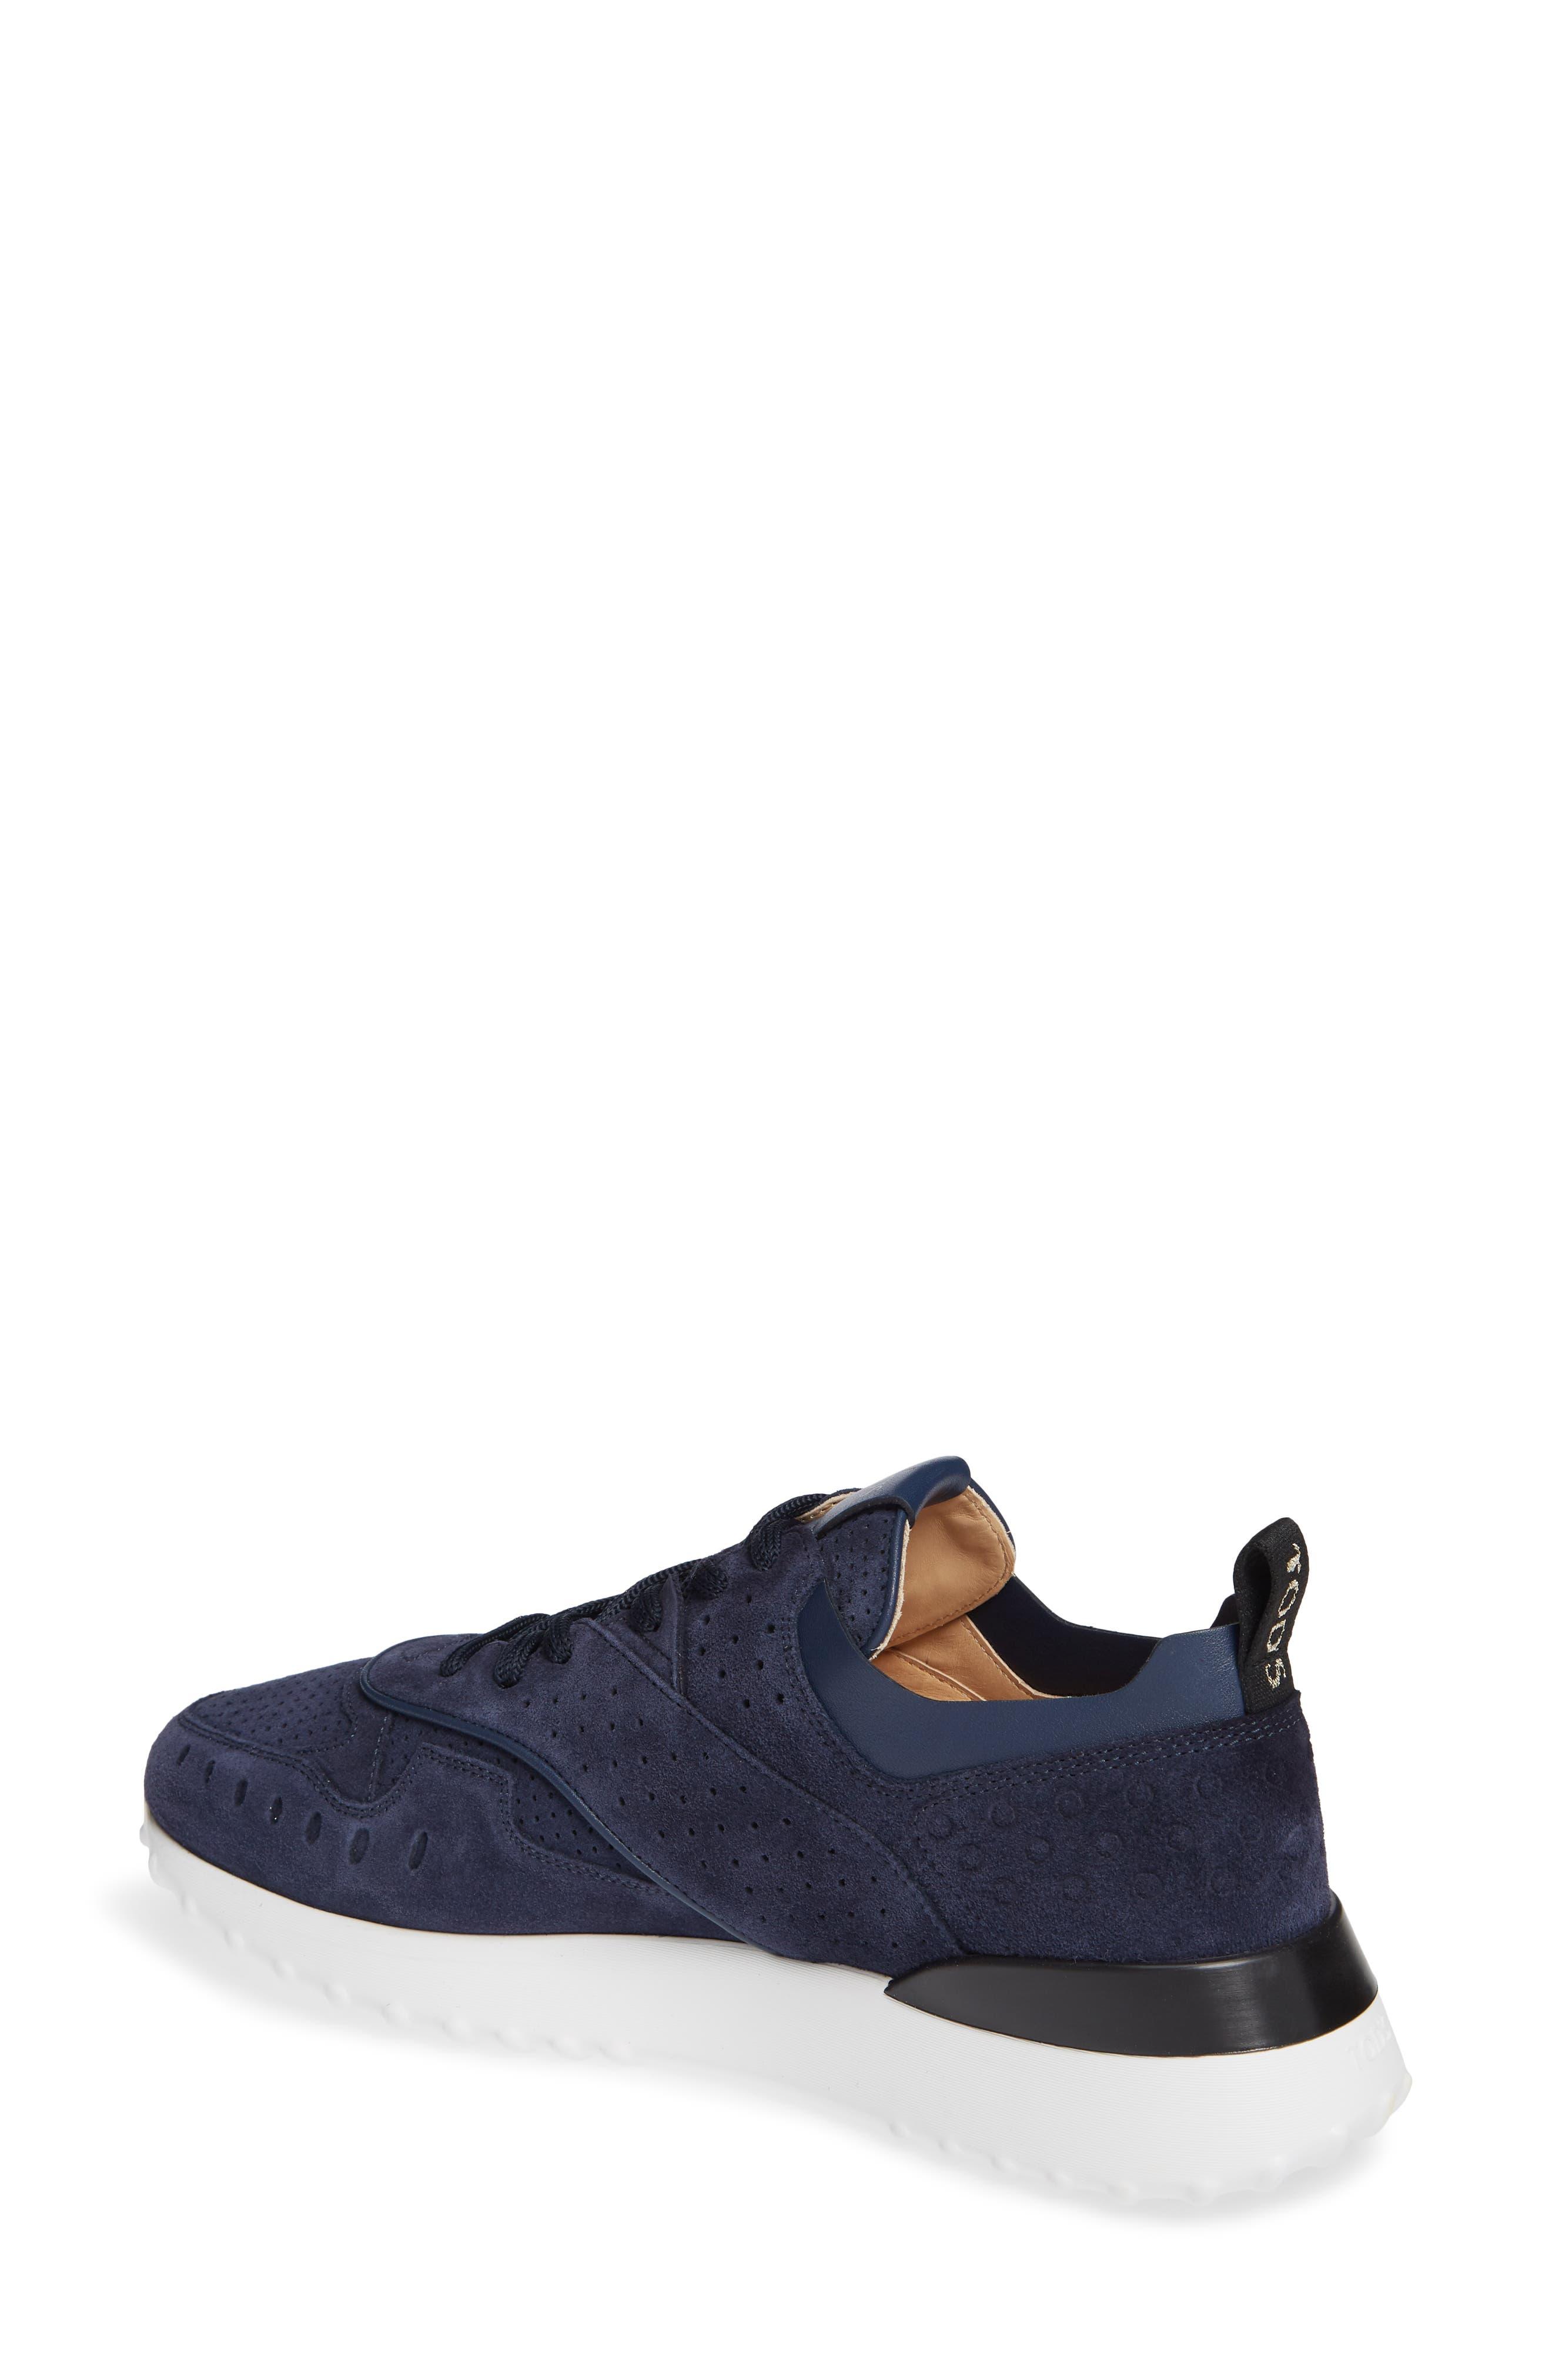 Running Sneaker,                             Alternate thumbnail 2, color,                             439